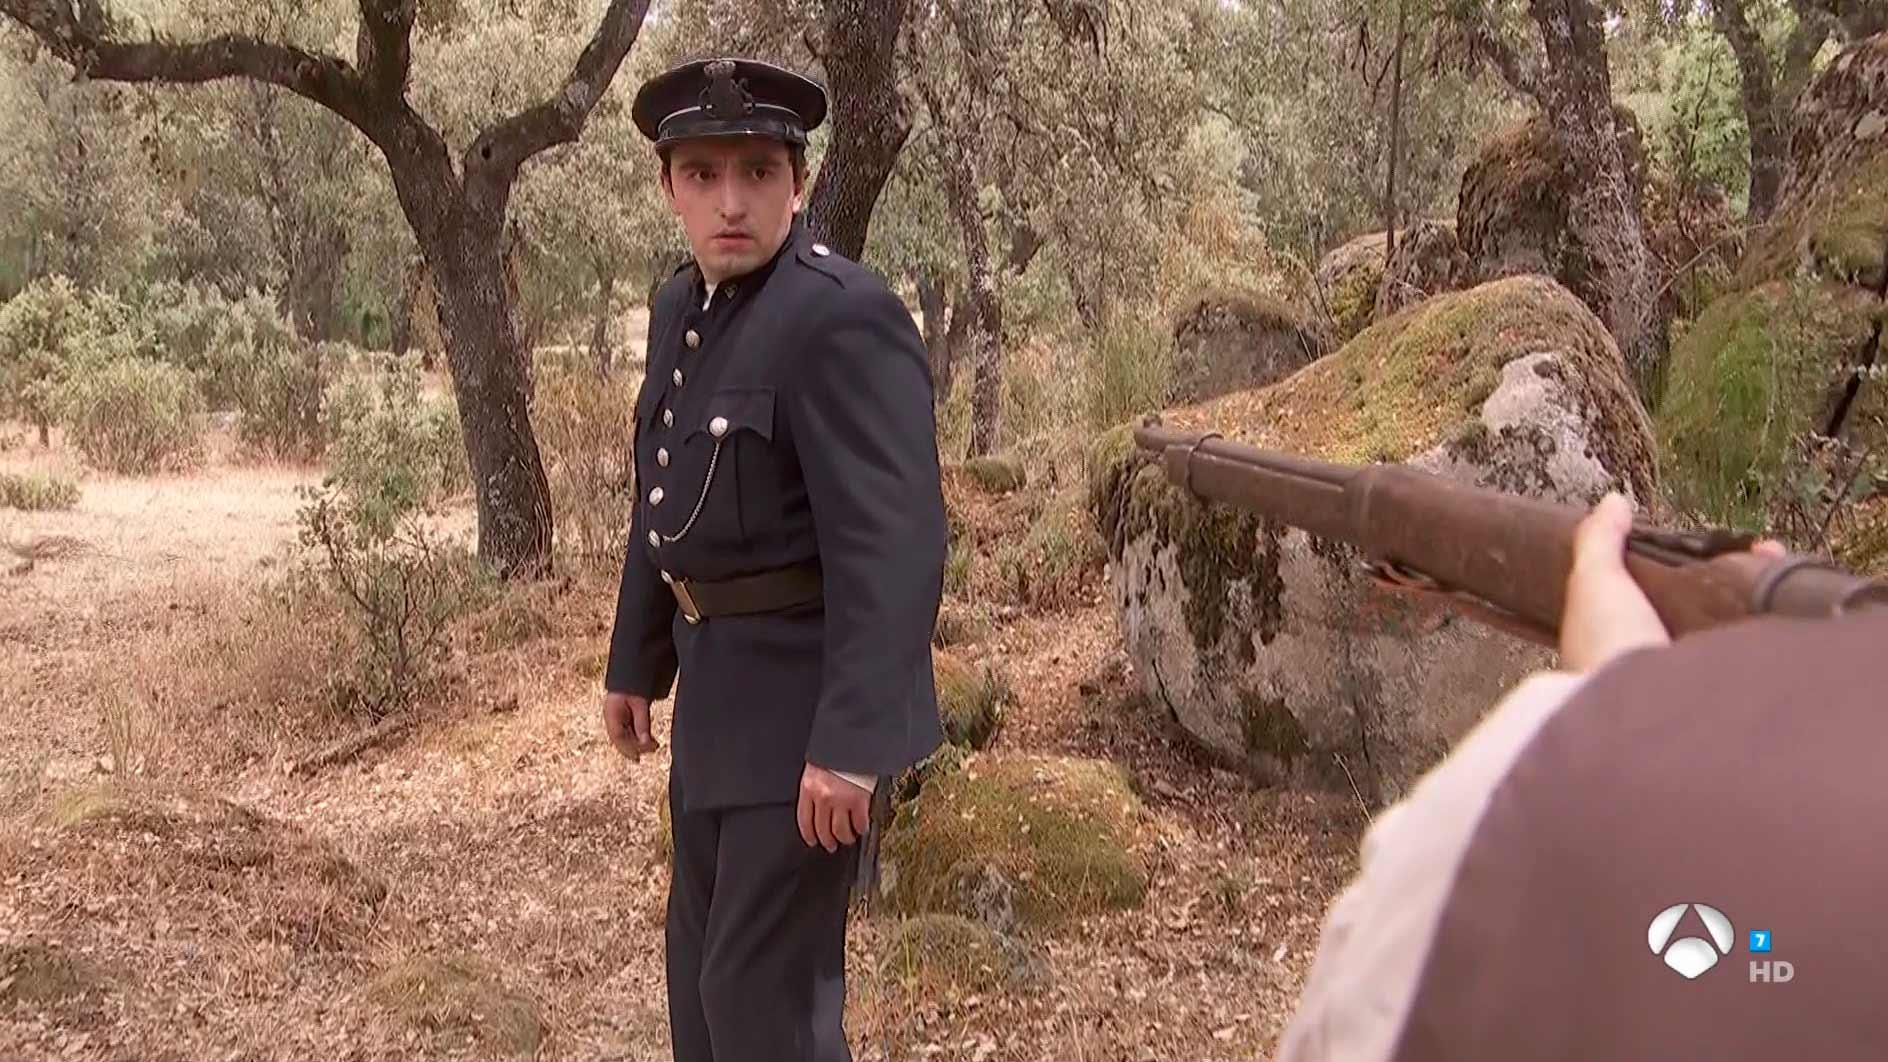 Il Segreto: Fernando aggredisce il sergente Meliton in montagna